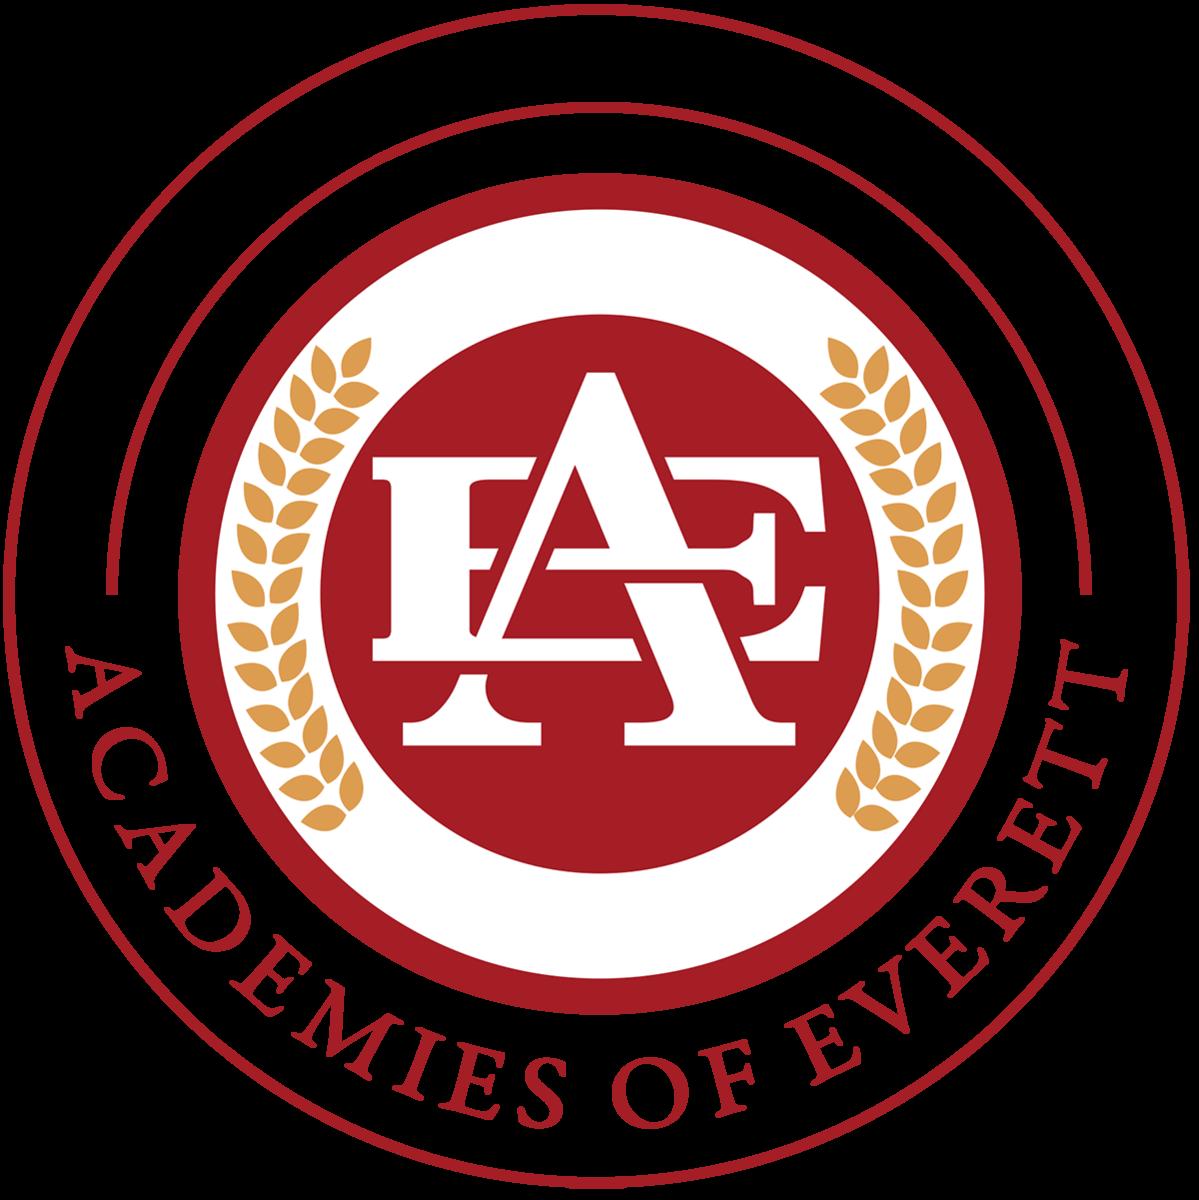 EHS Academy logo, circular with gold leafs